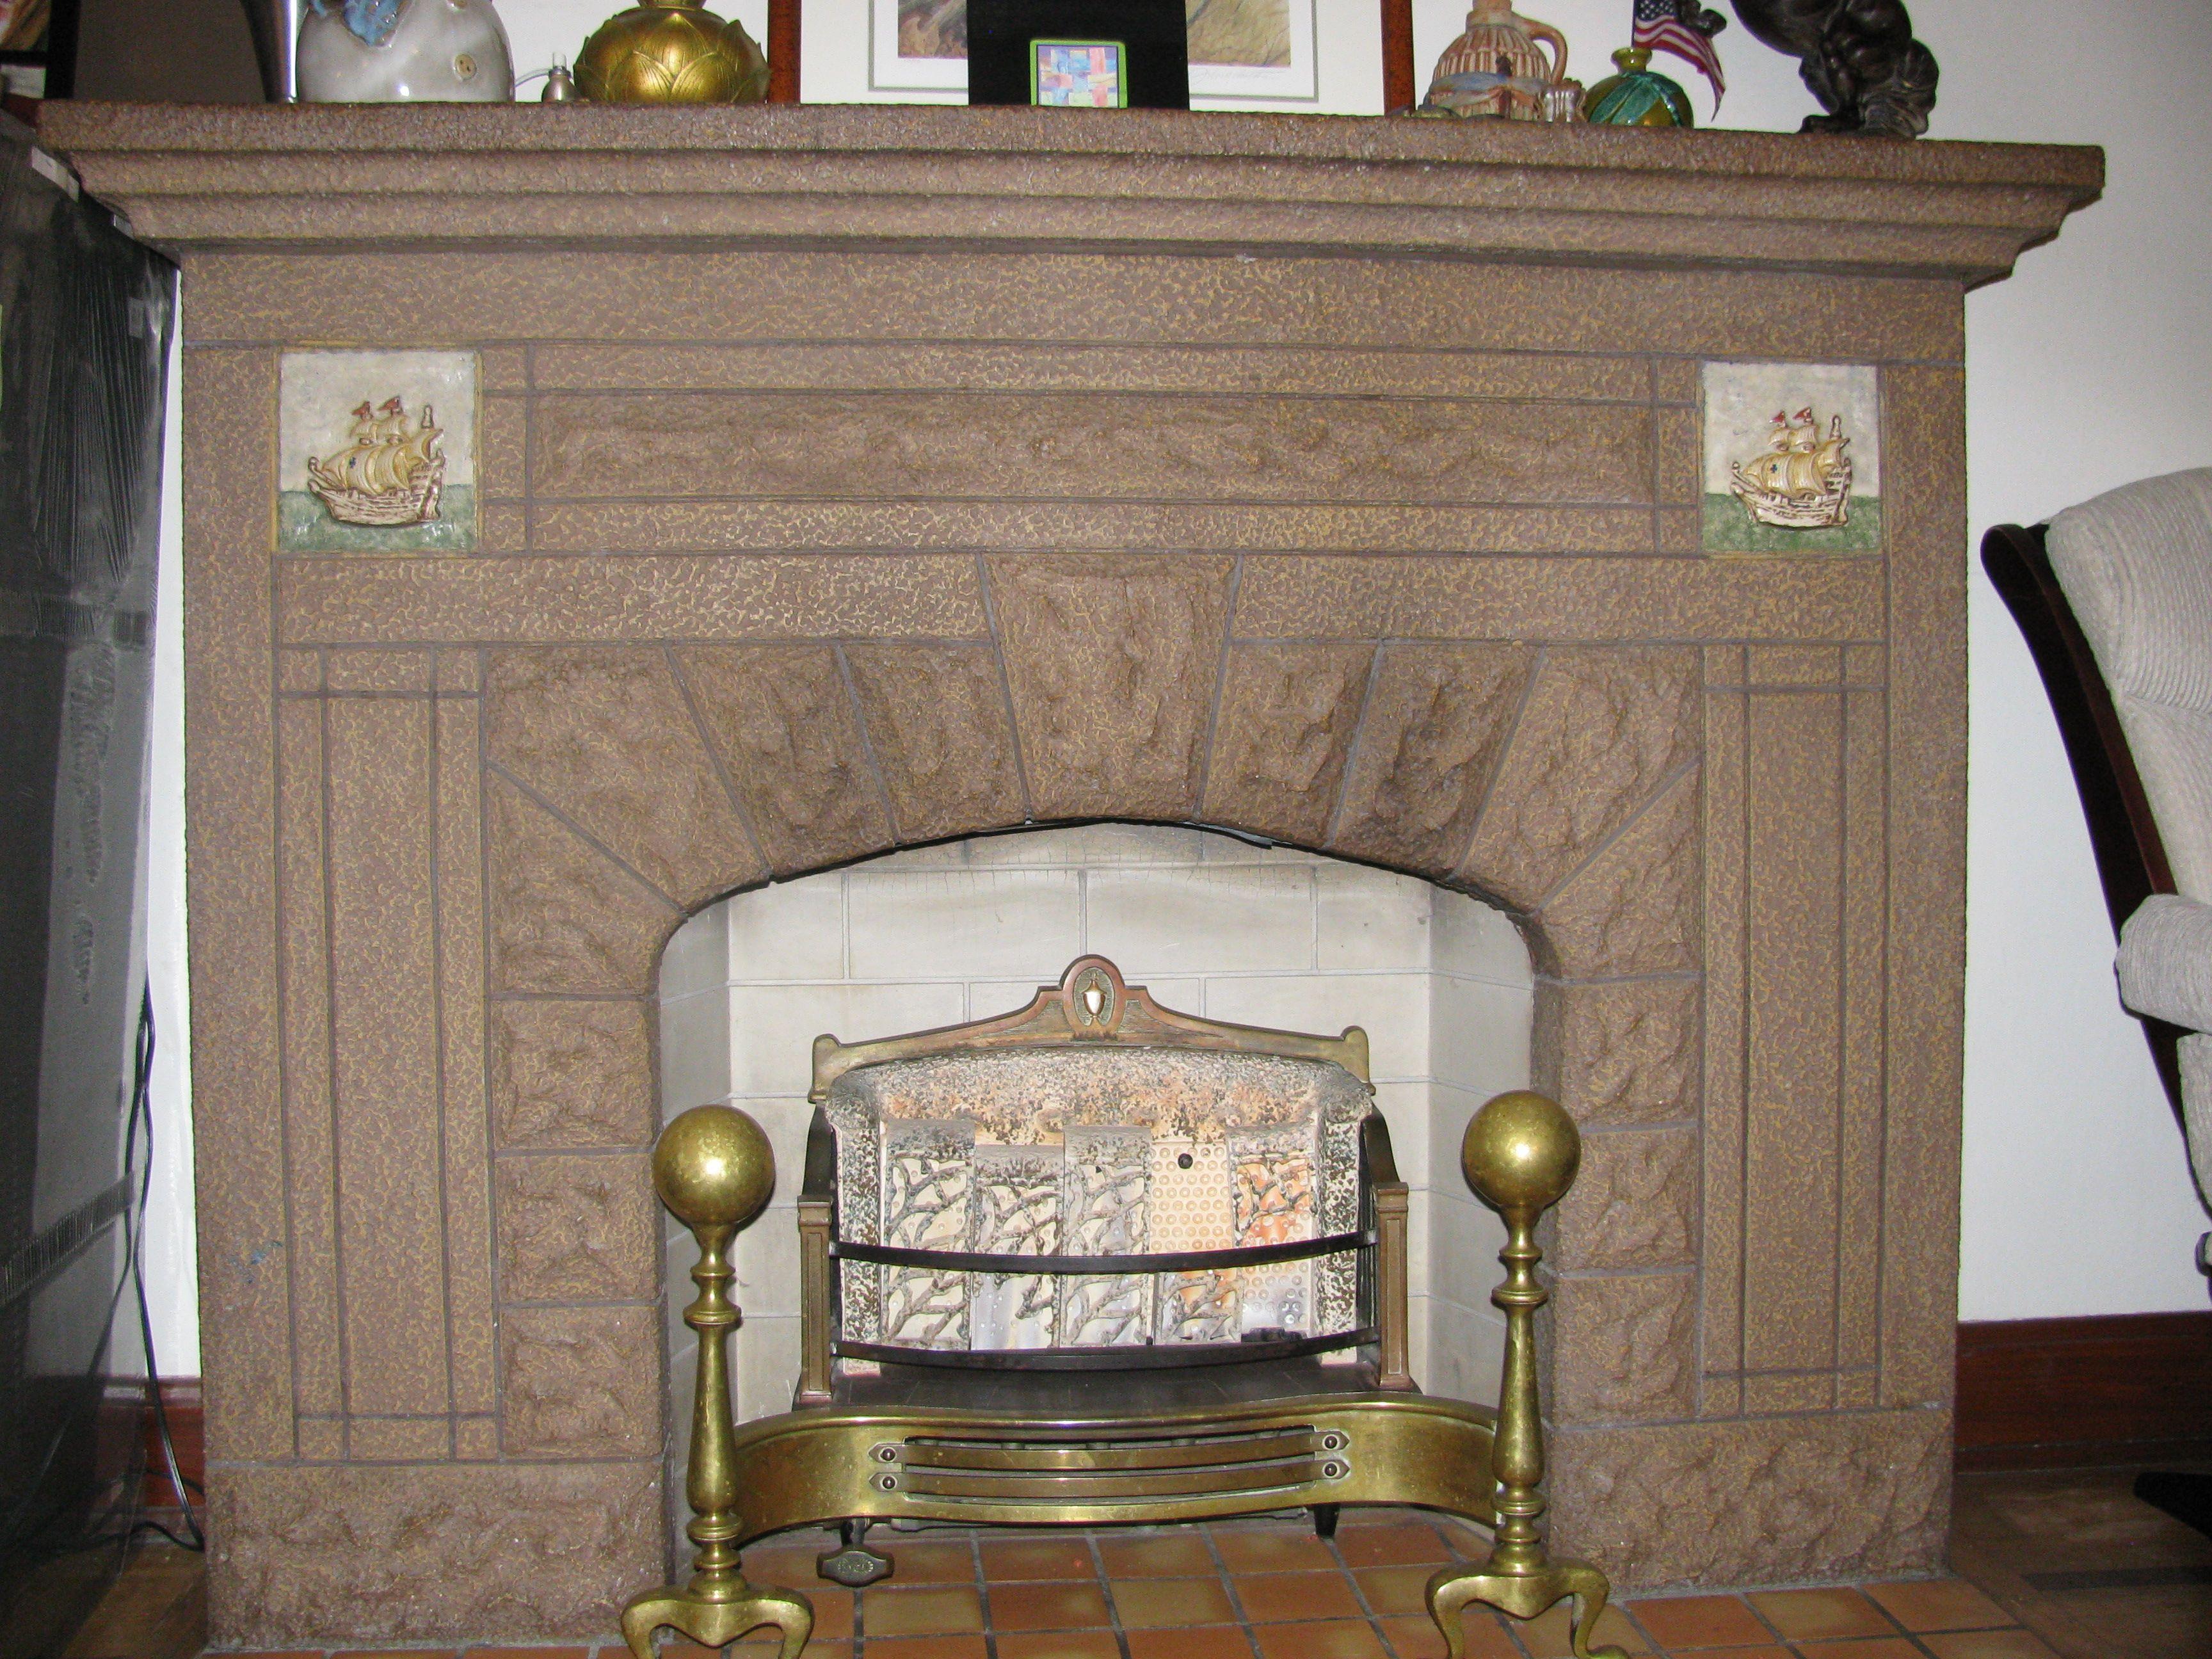 1930s Fireplace 3456 x 2592